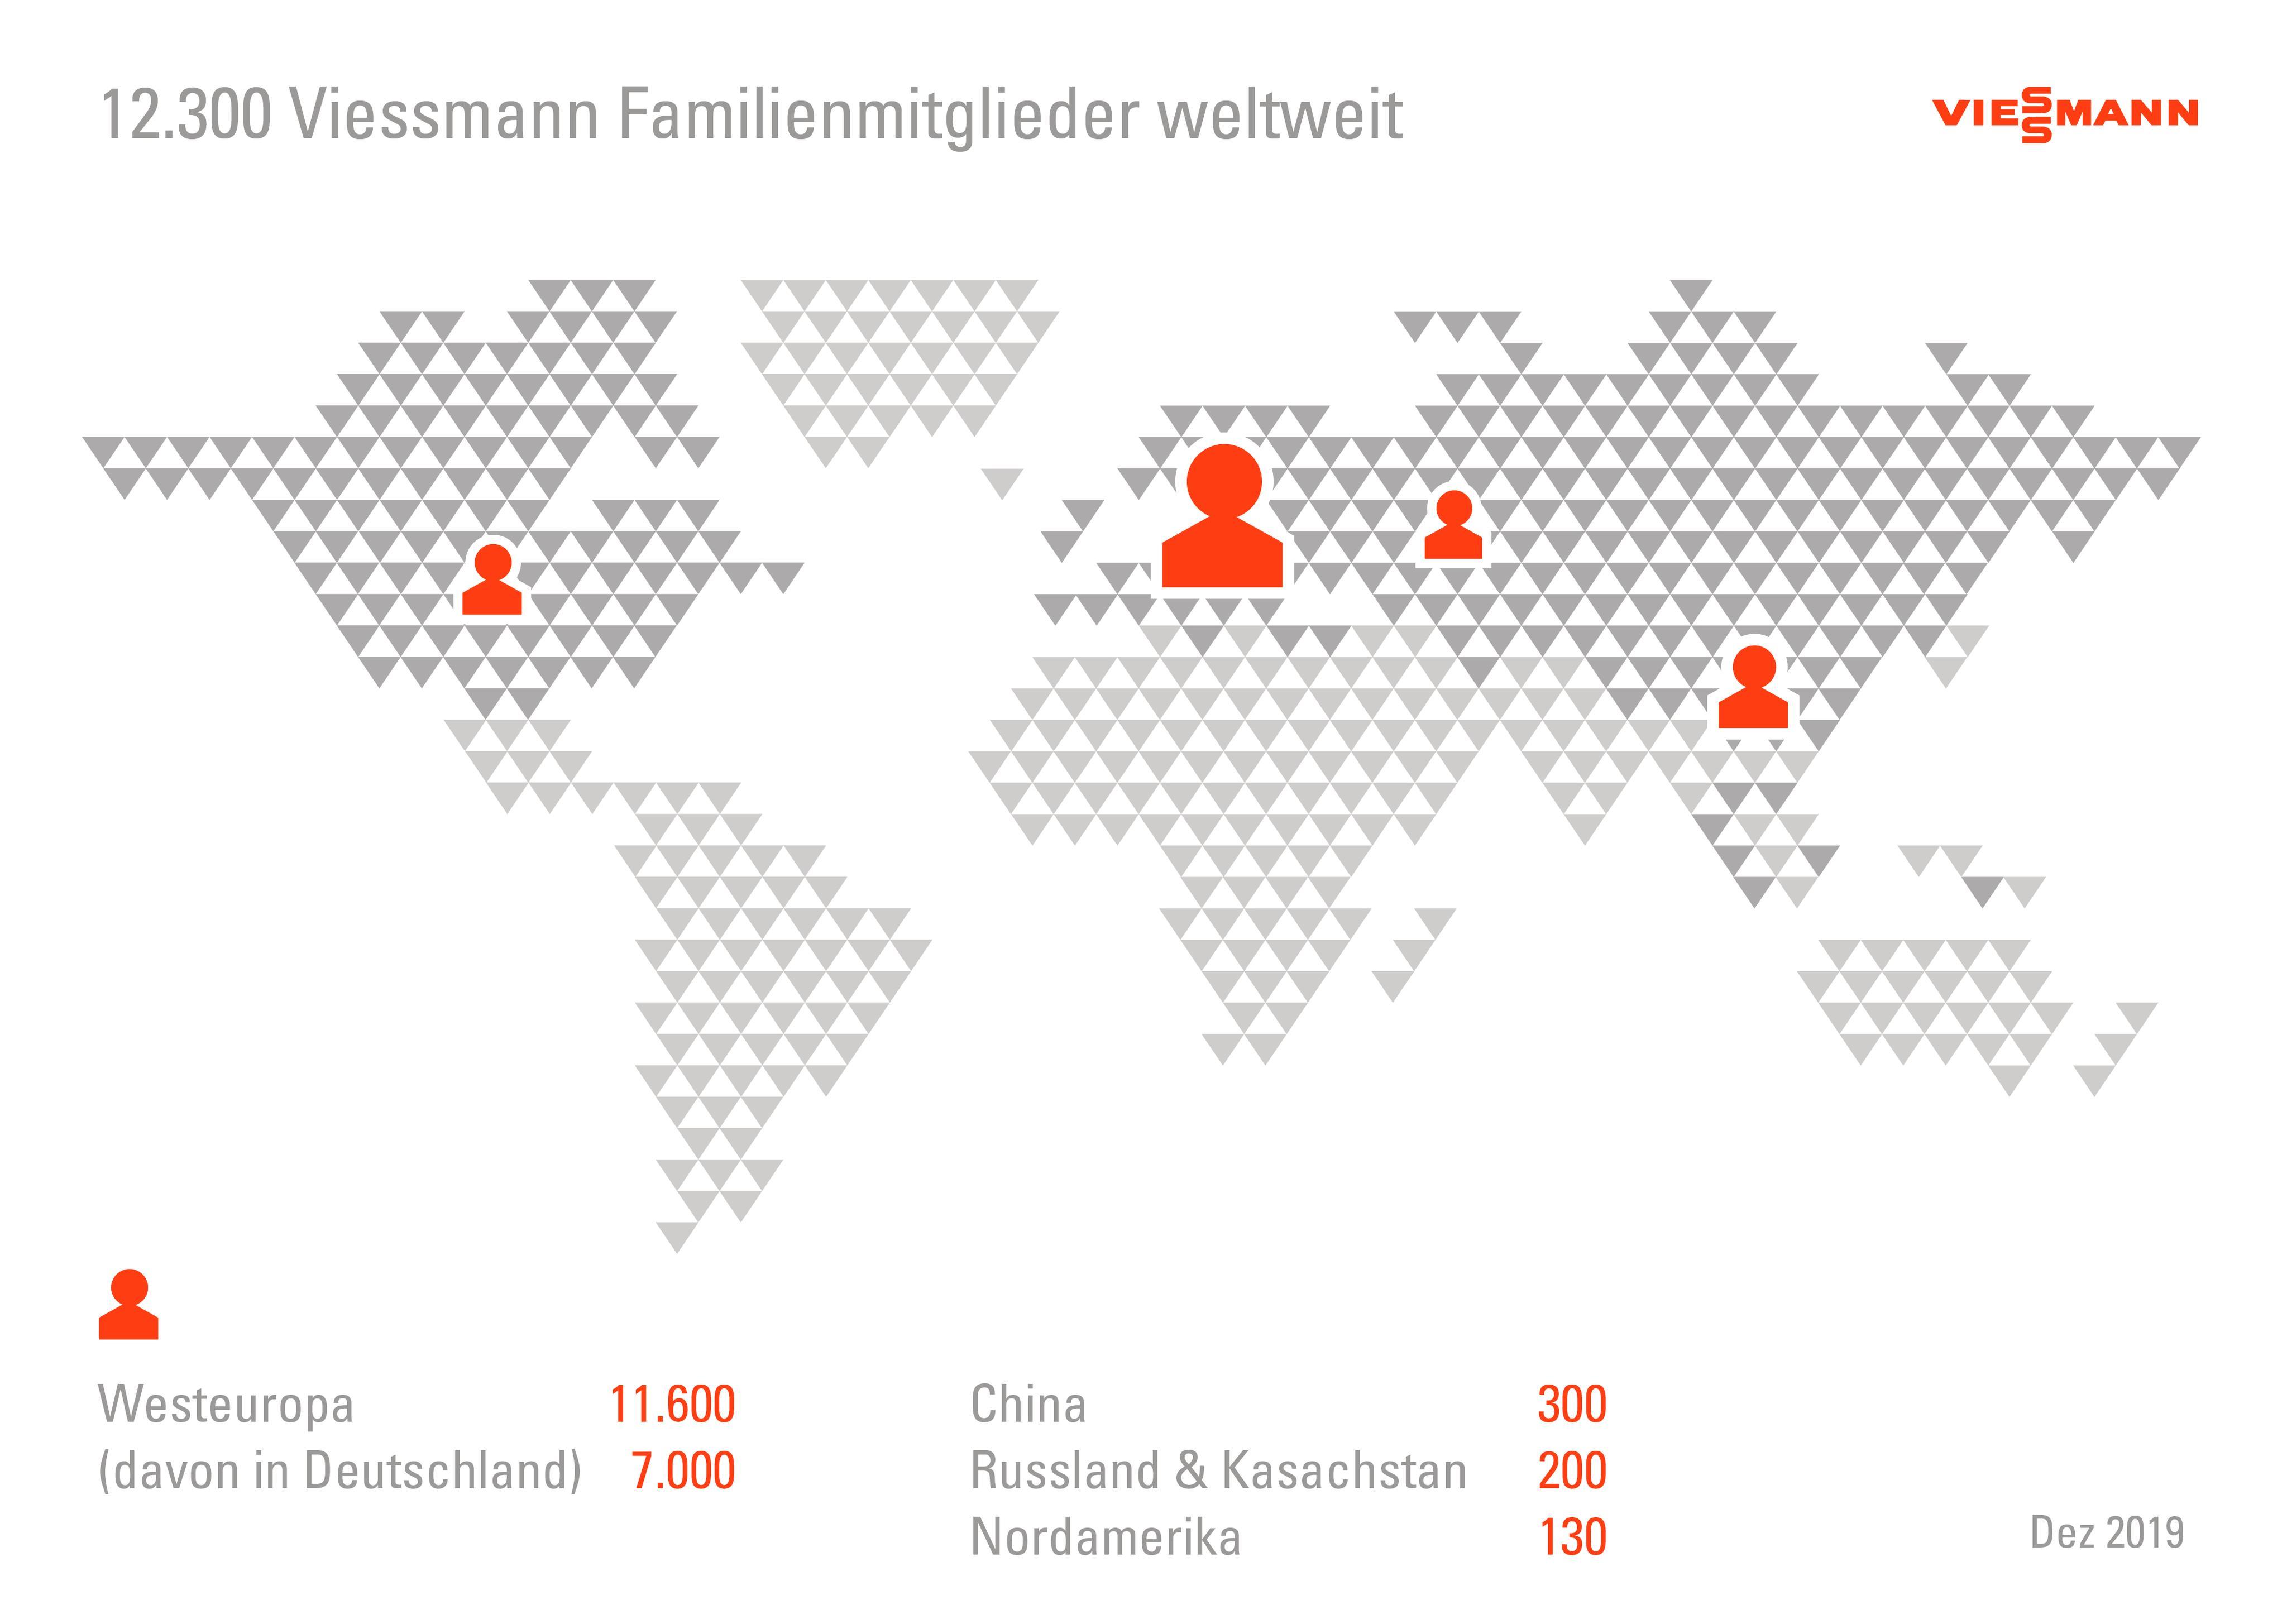 Die Grafik zeigt die Verteilung der Viessmann Familienmitglieder weltweit.